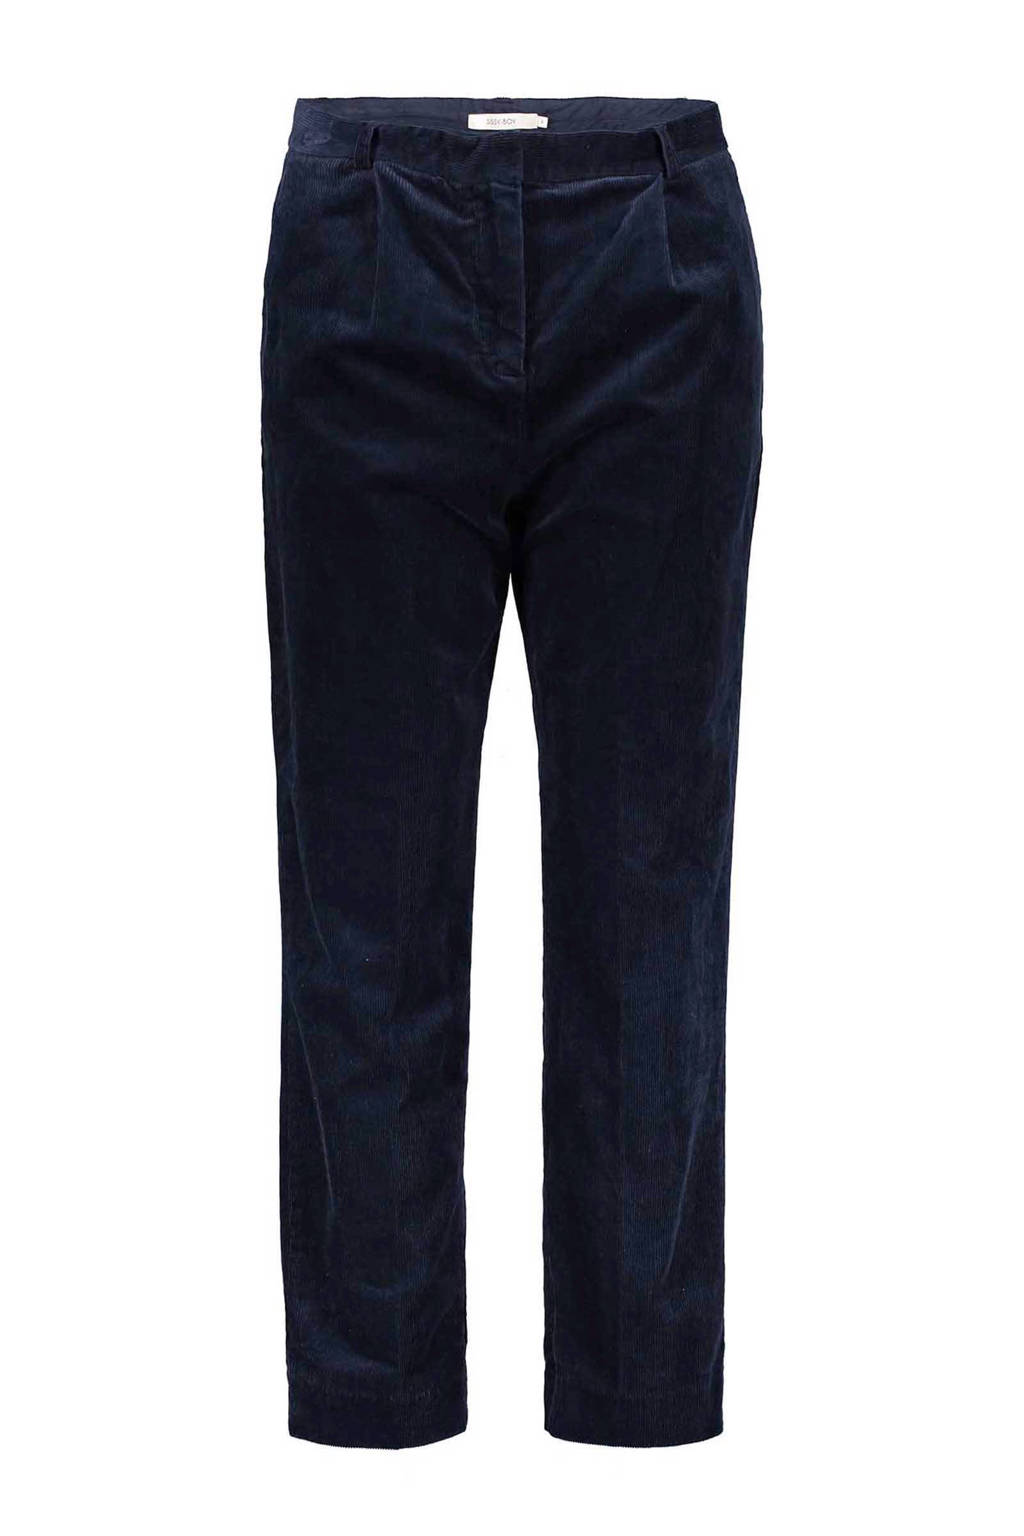 Sissy-Boy corduroy broek, Donkerblauw